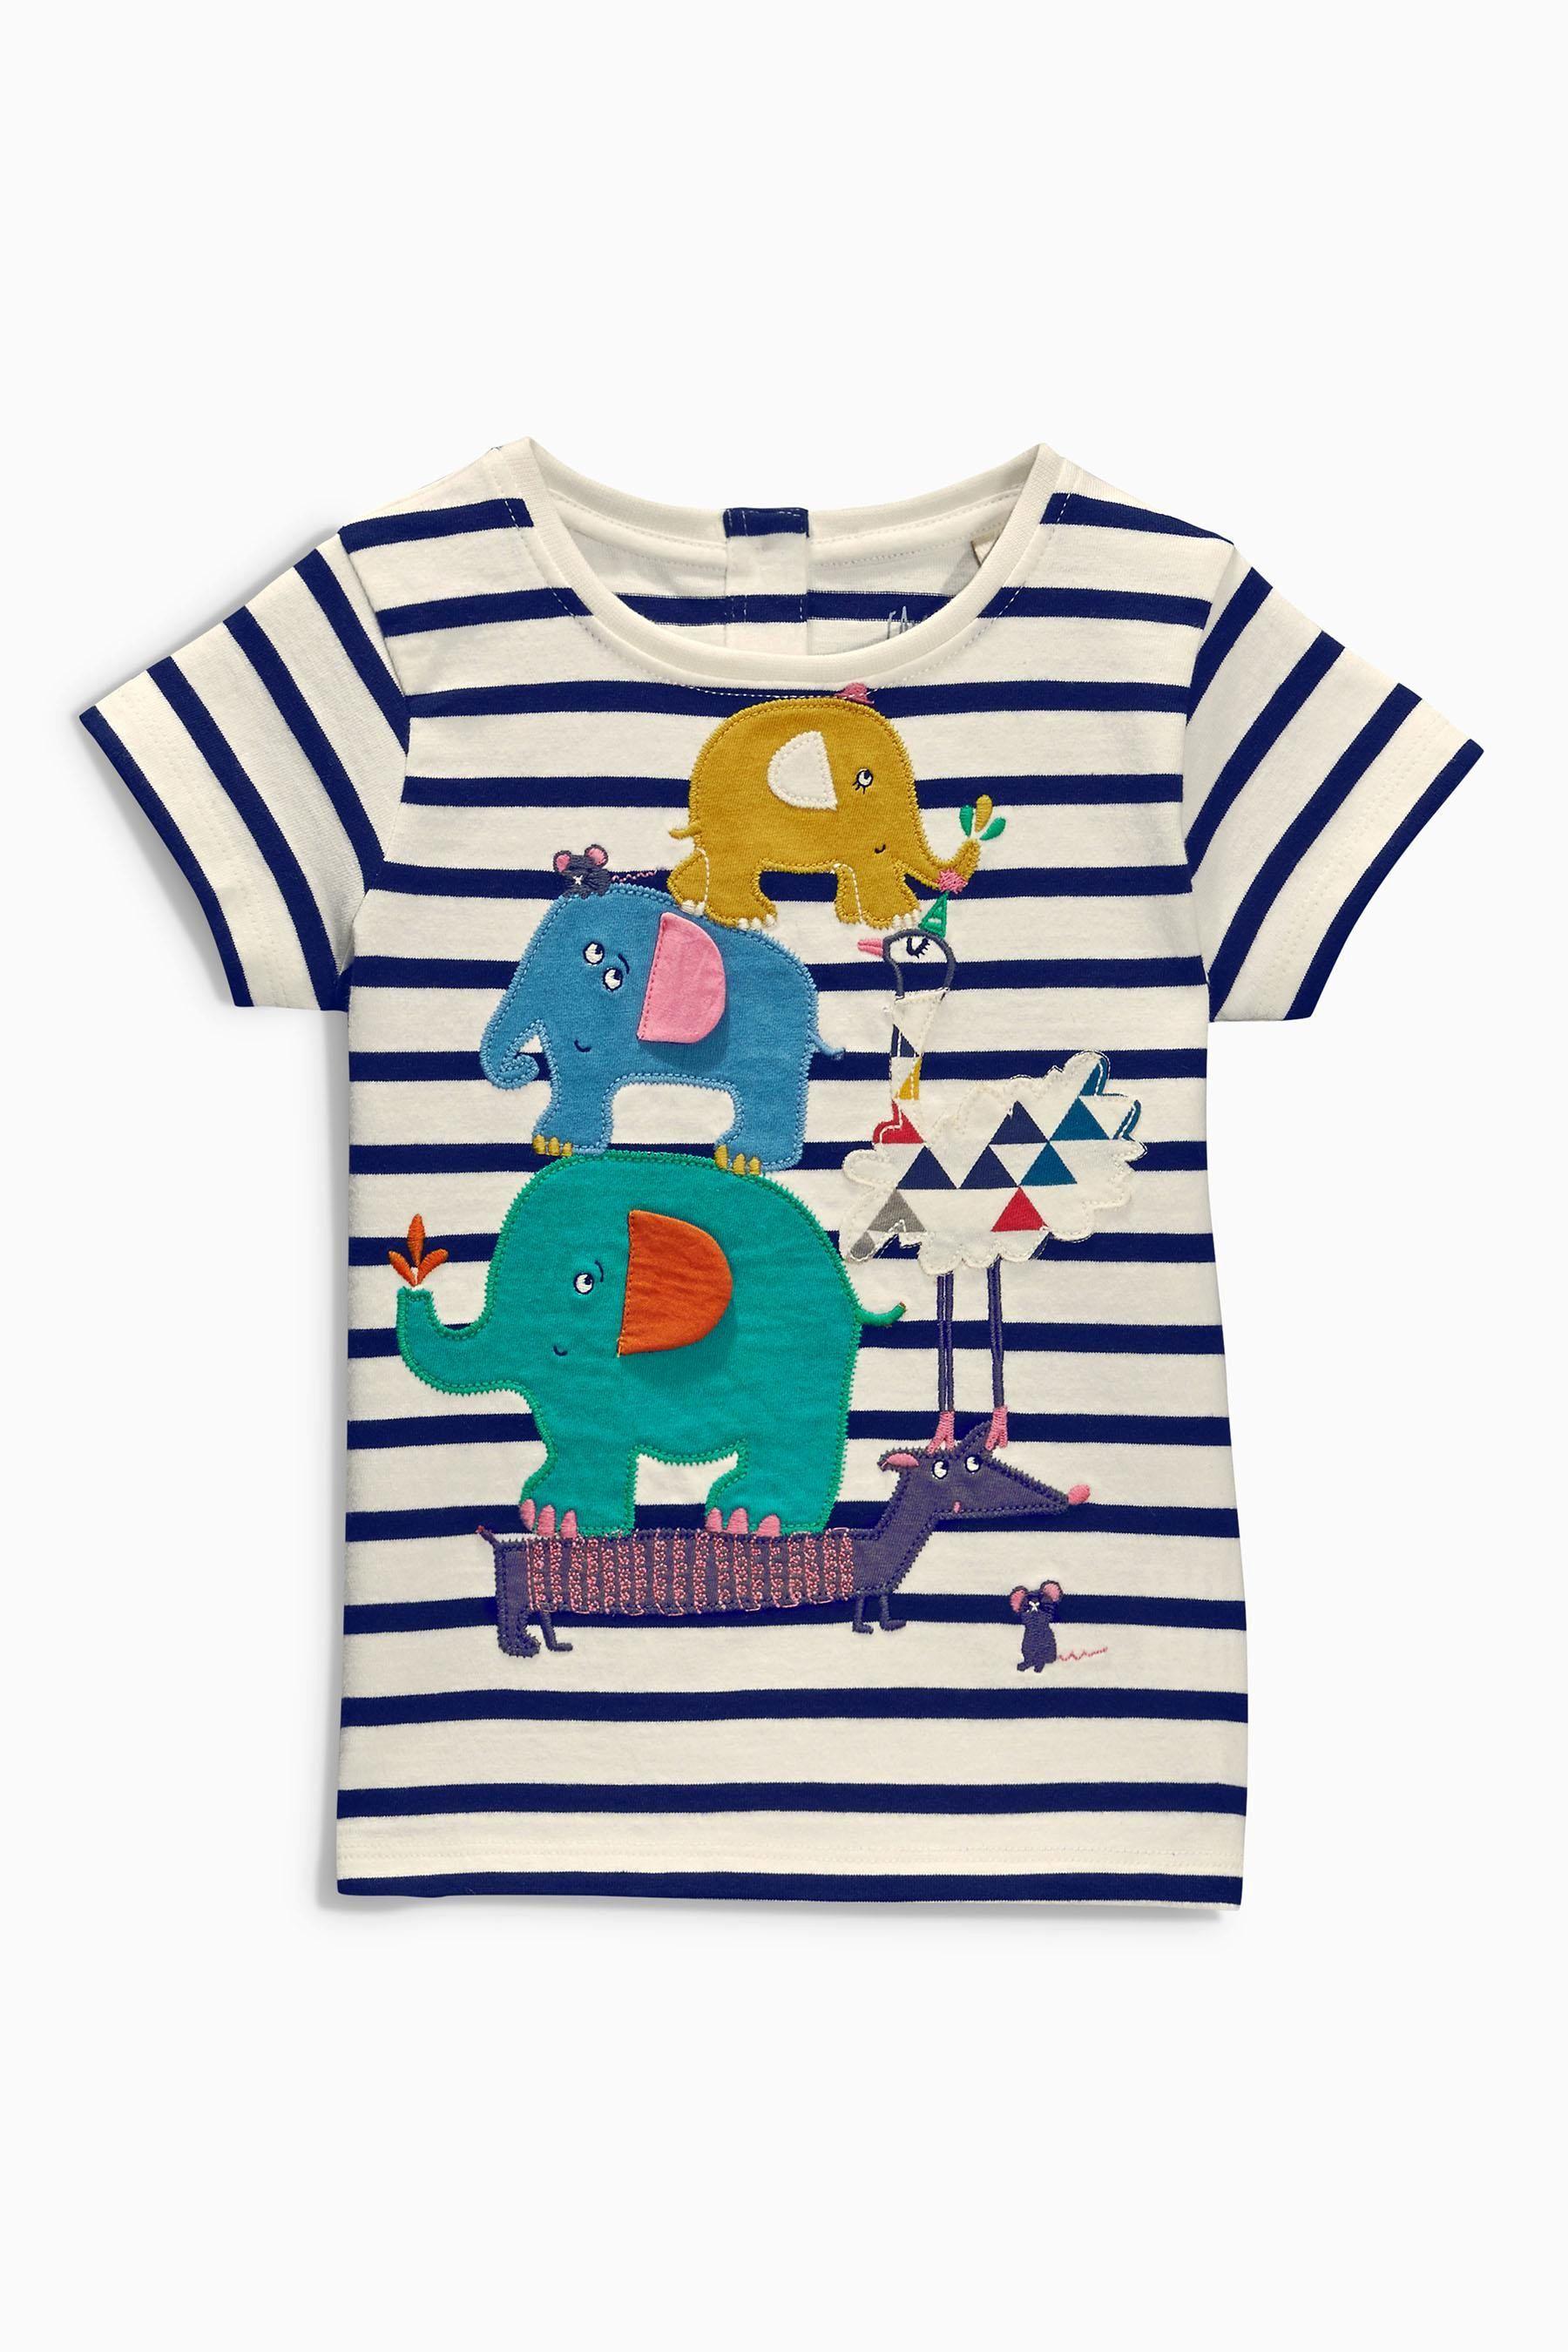 67ae01f3c15ee2 Elephant T Shirts Uk